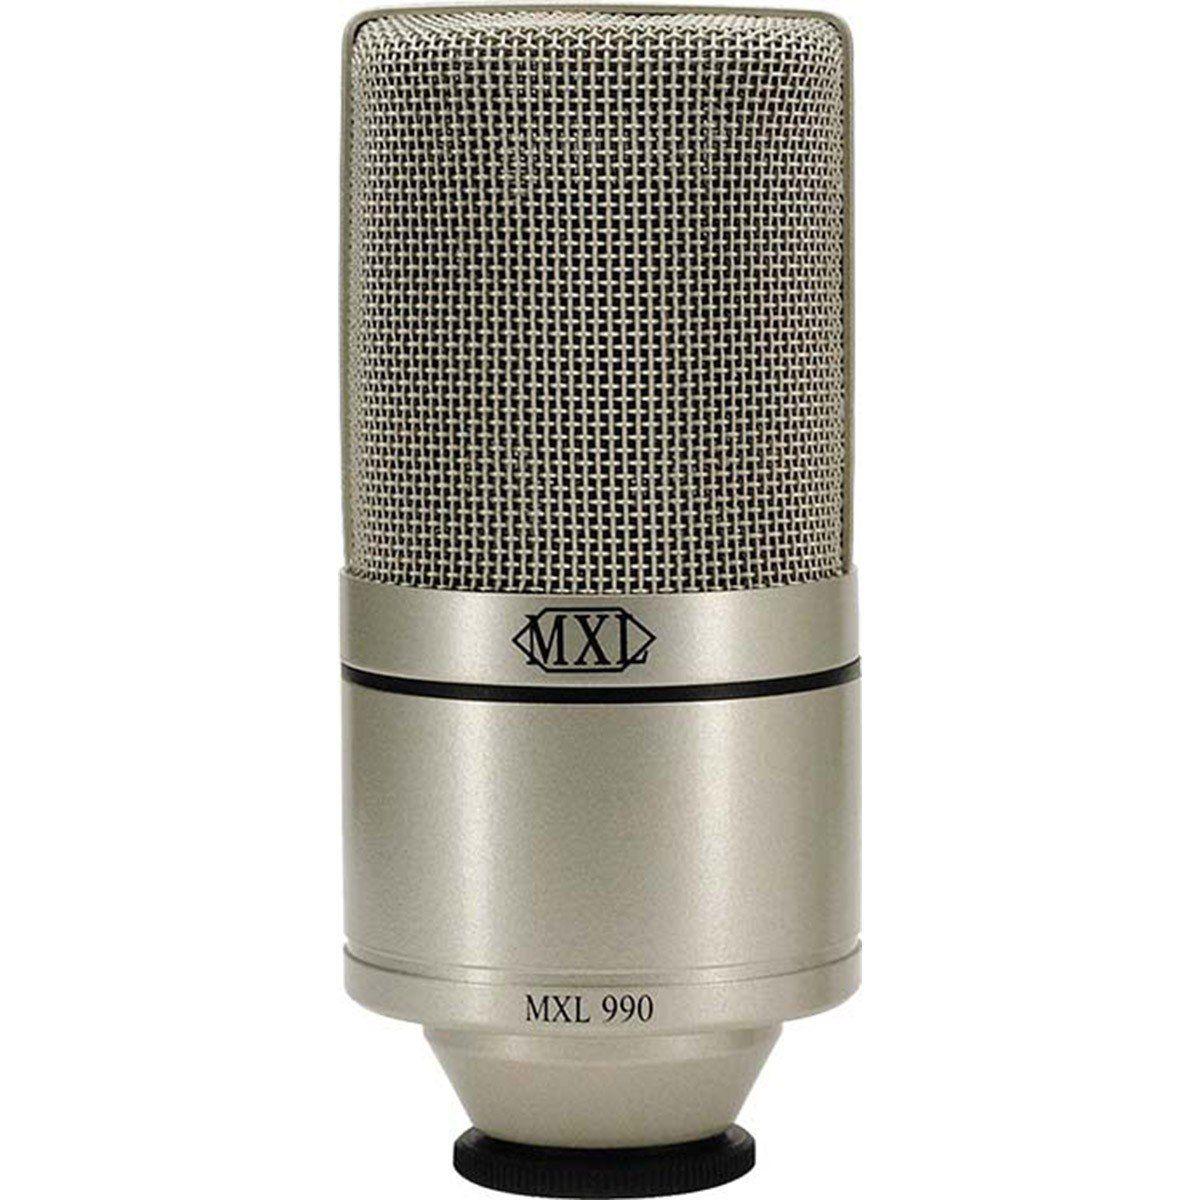 Microfone MXL 990 - Condensador